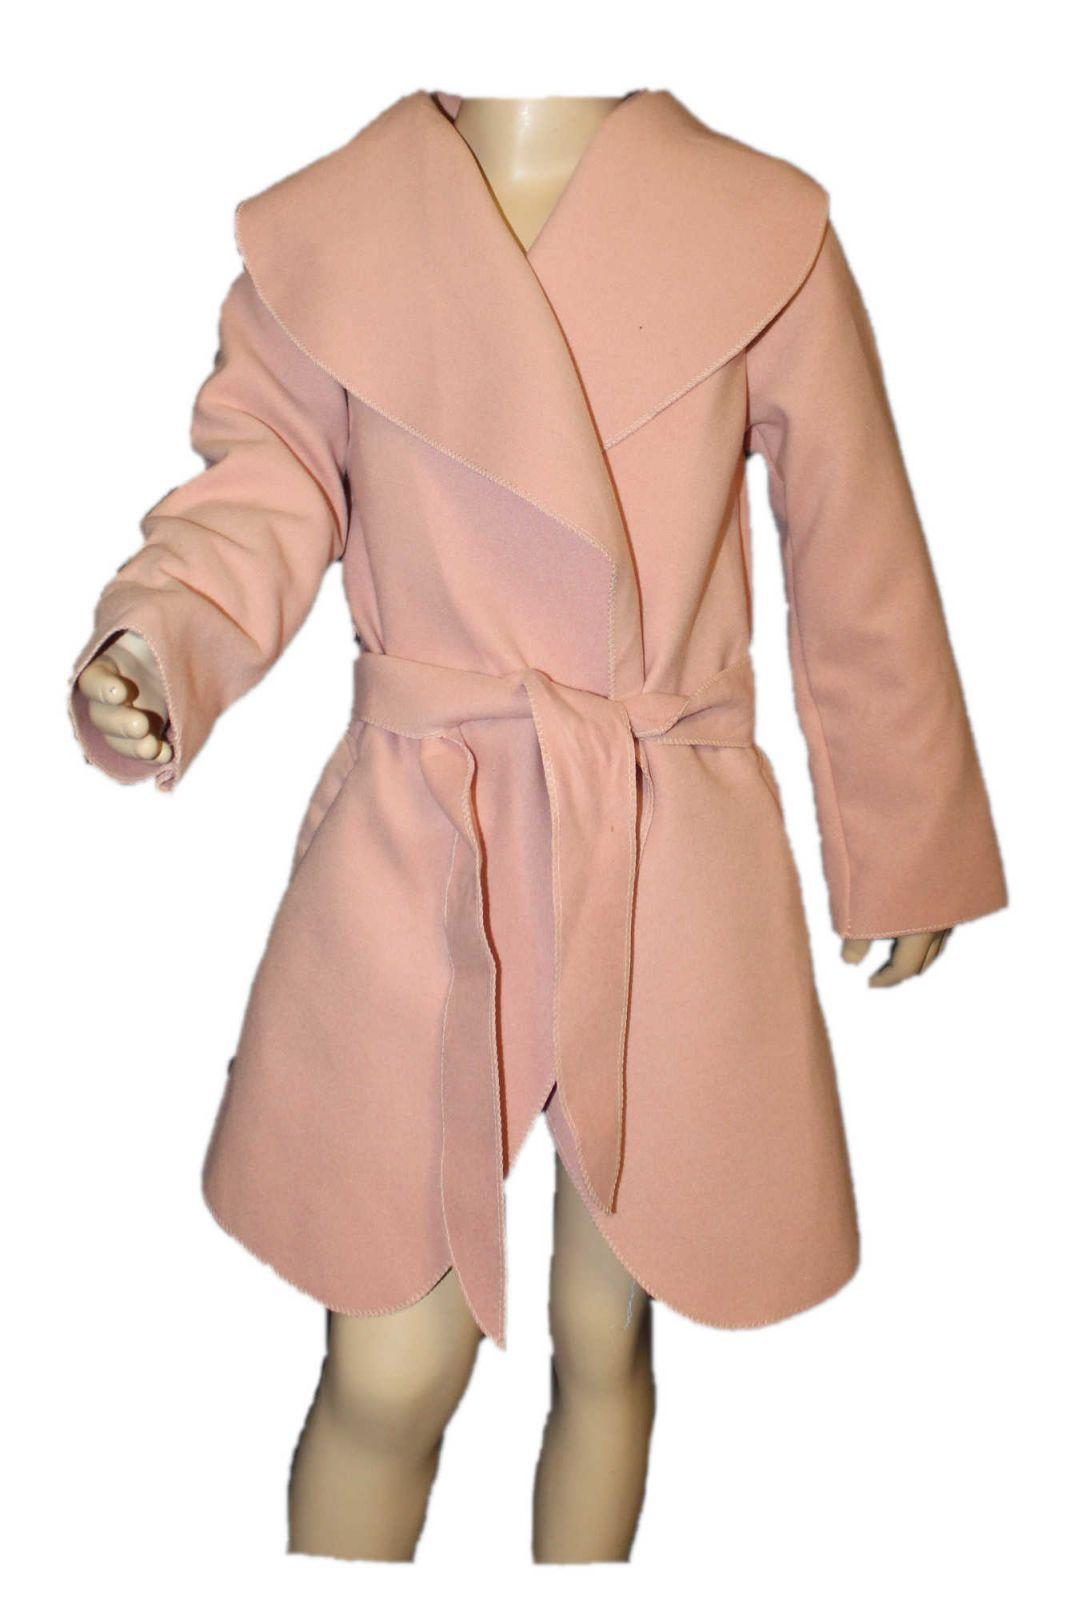 Dívčí fleesový kabát dětský kabátek dětský fleesový kabát